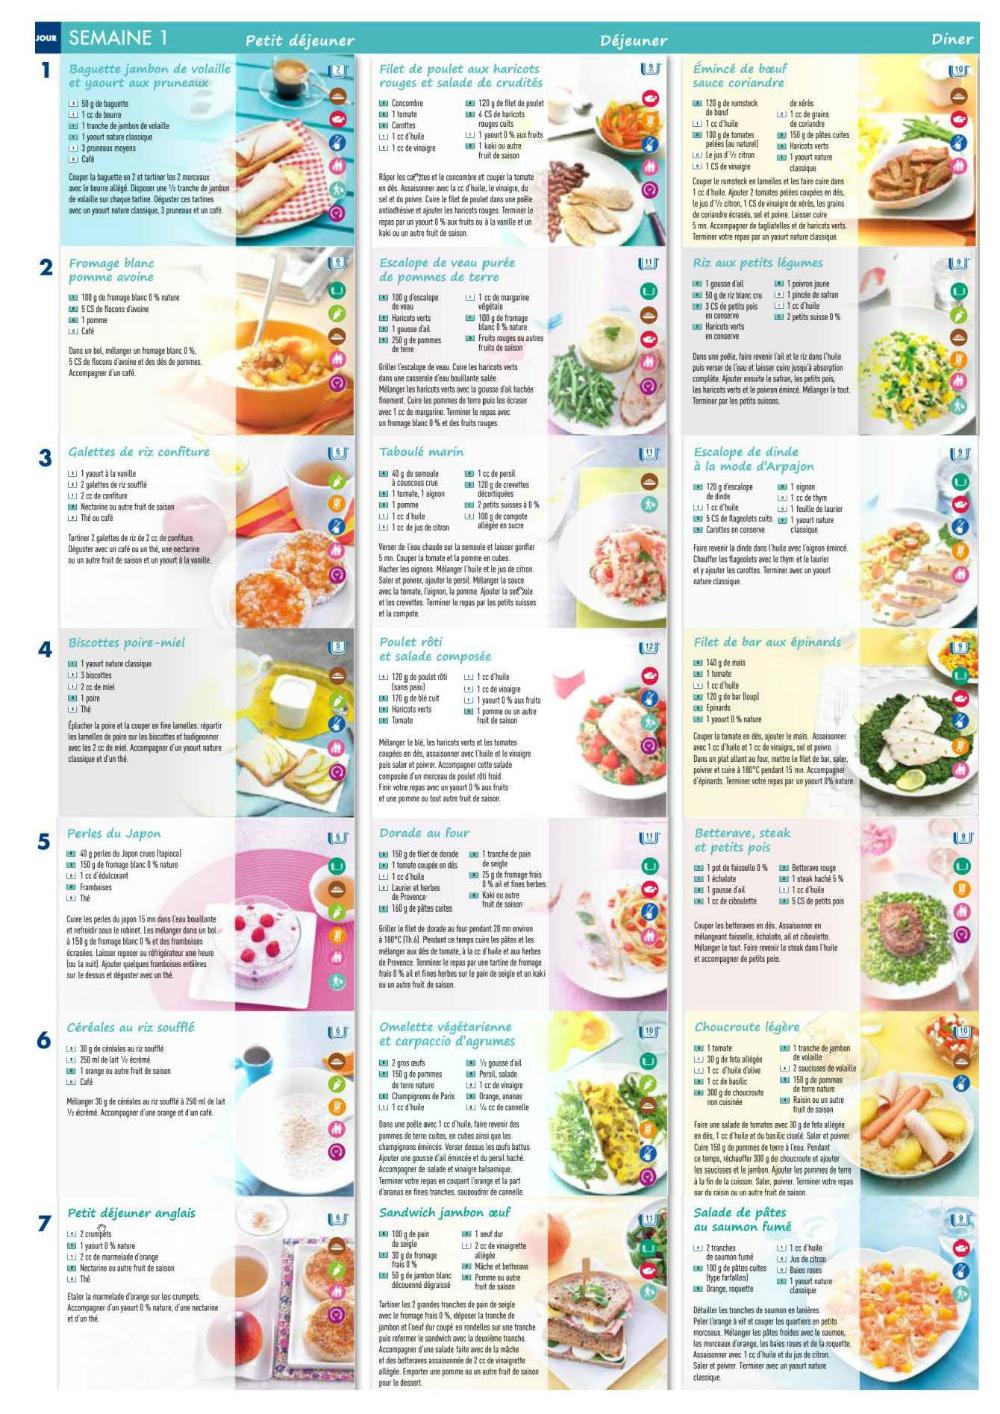 Liste De Courses Reequilibrage Alimentaire Ak36 Jornalagora Reequilibrage Alimentaire Menu Exemple De Menu Menu Pour Maigrir